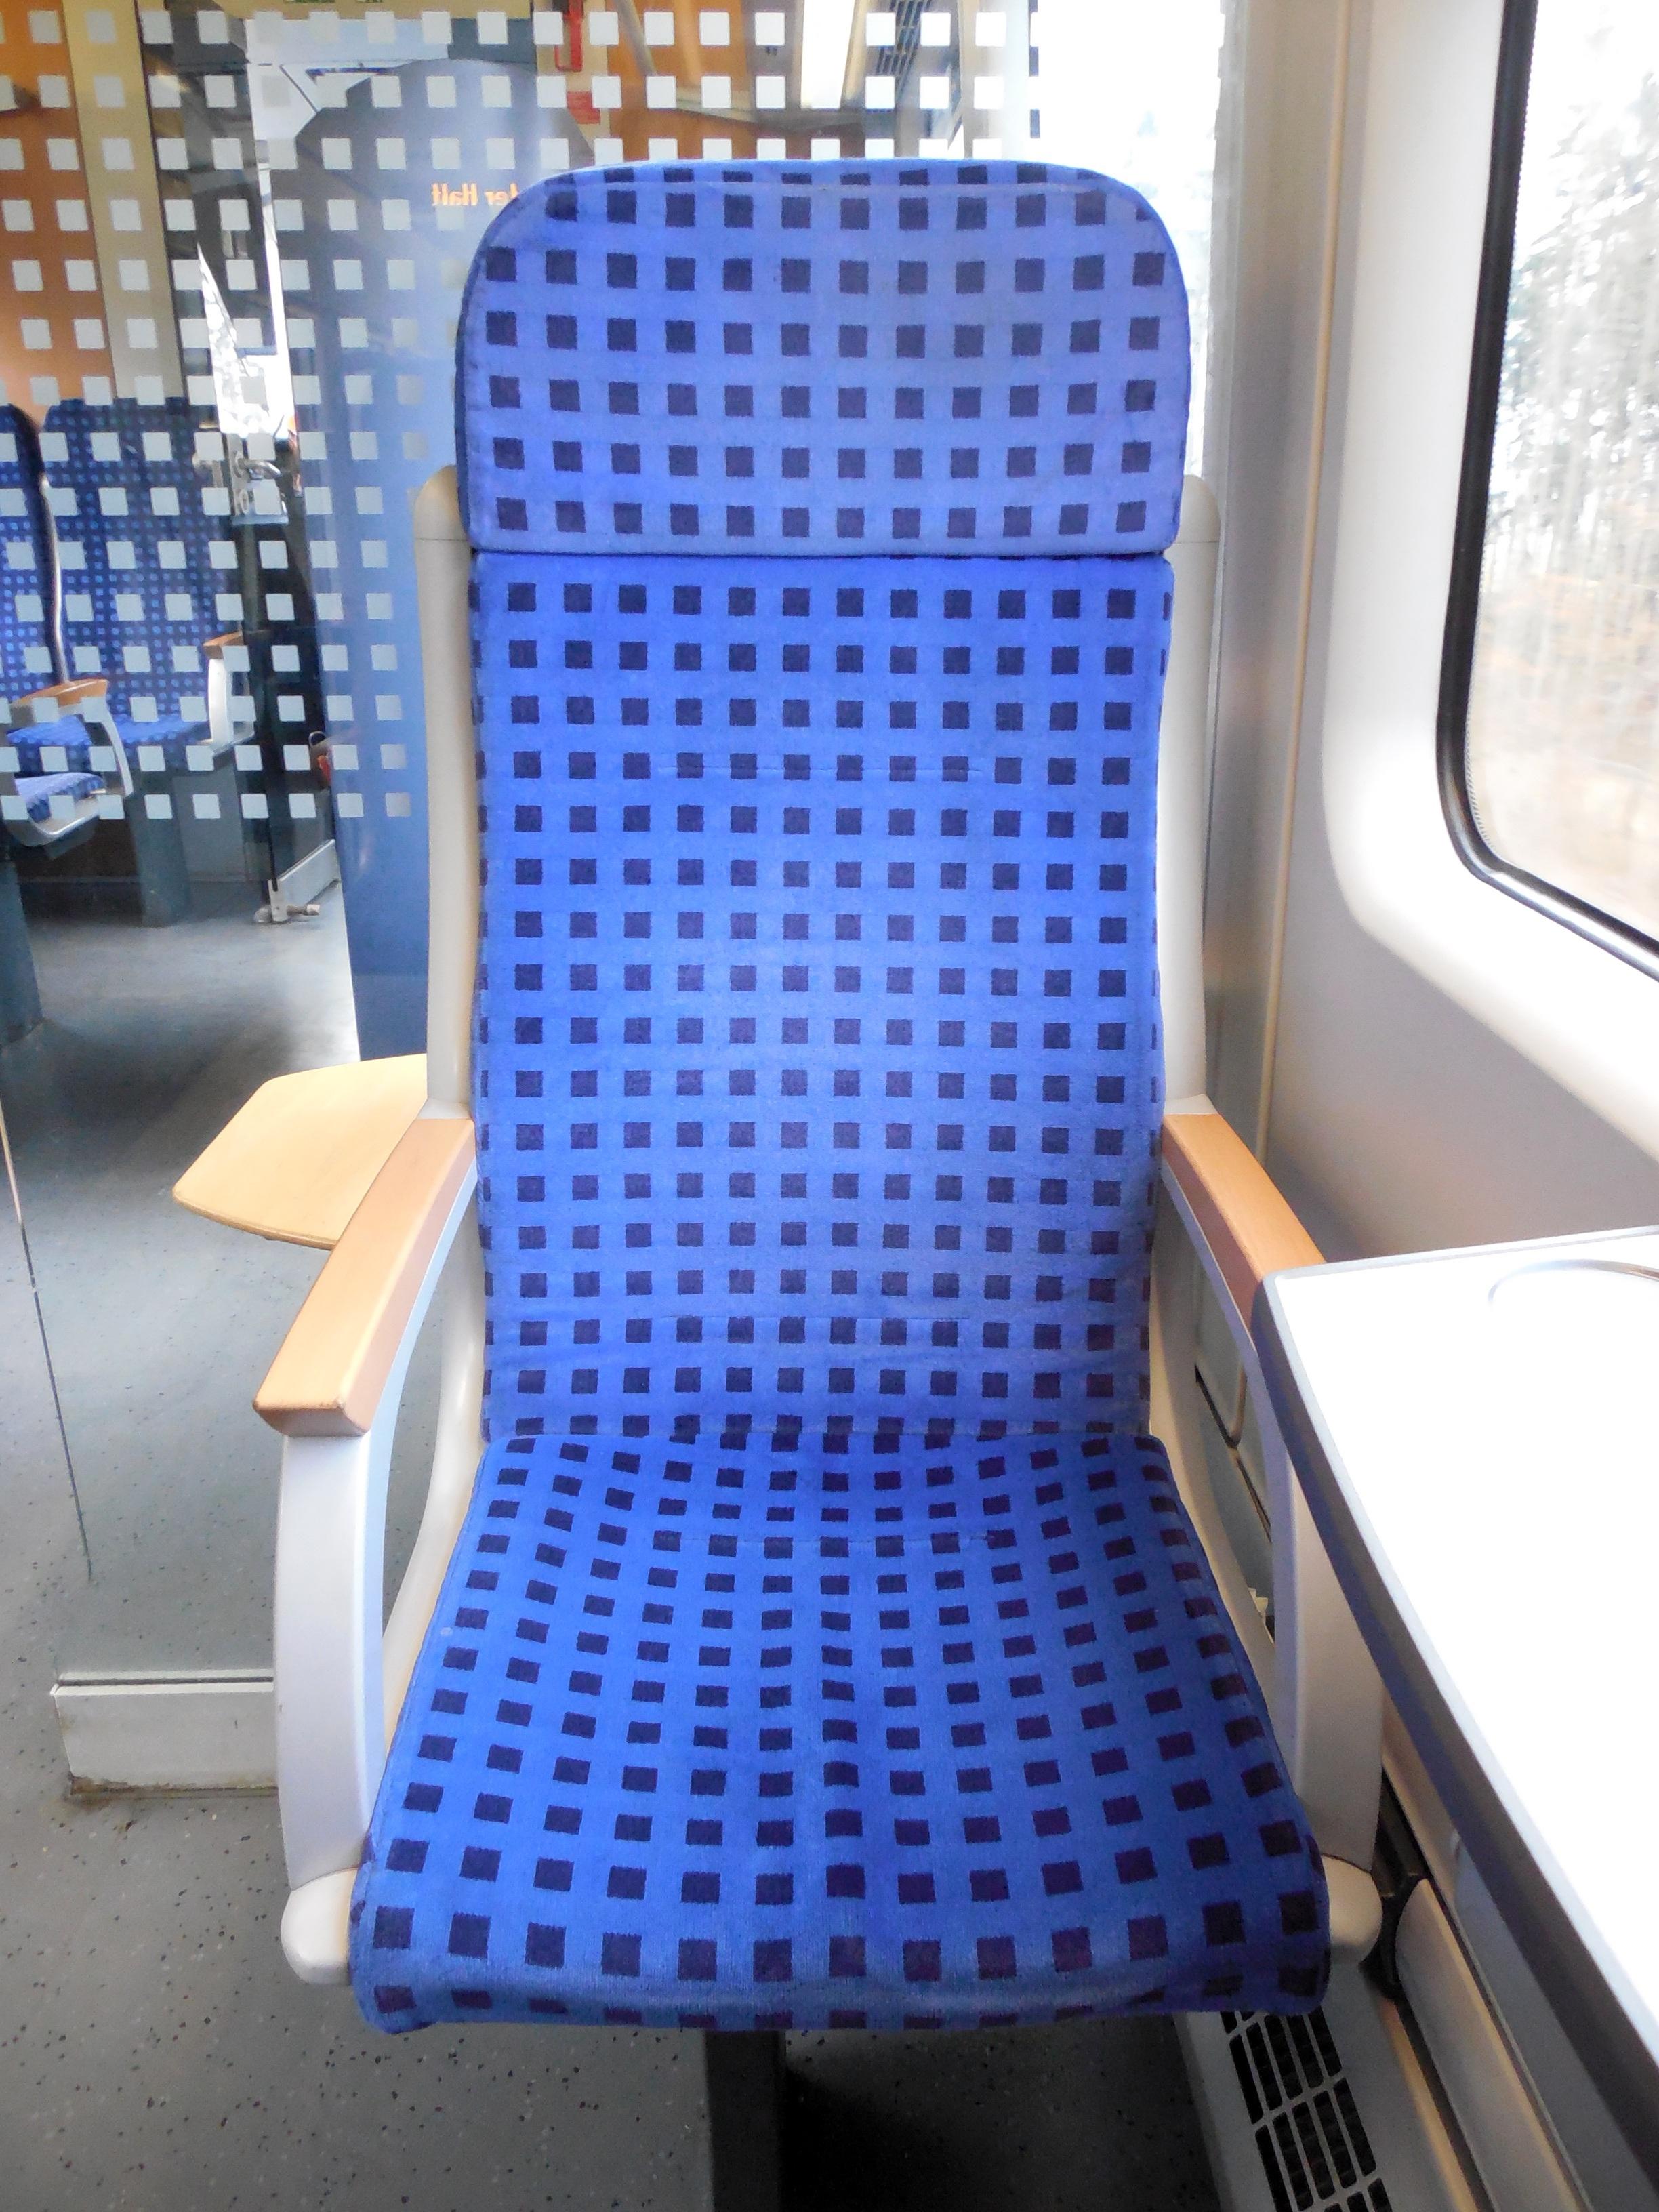 movil ferrocarril silla asiento tren viajar salida mueble diseno de interiores diseno asiento de auto locomocion